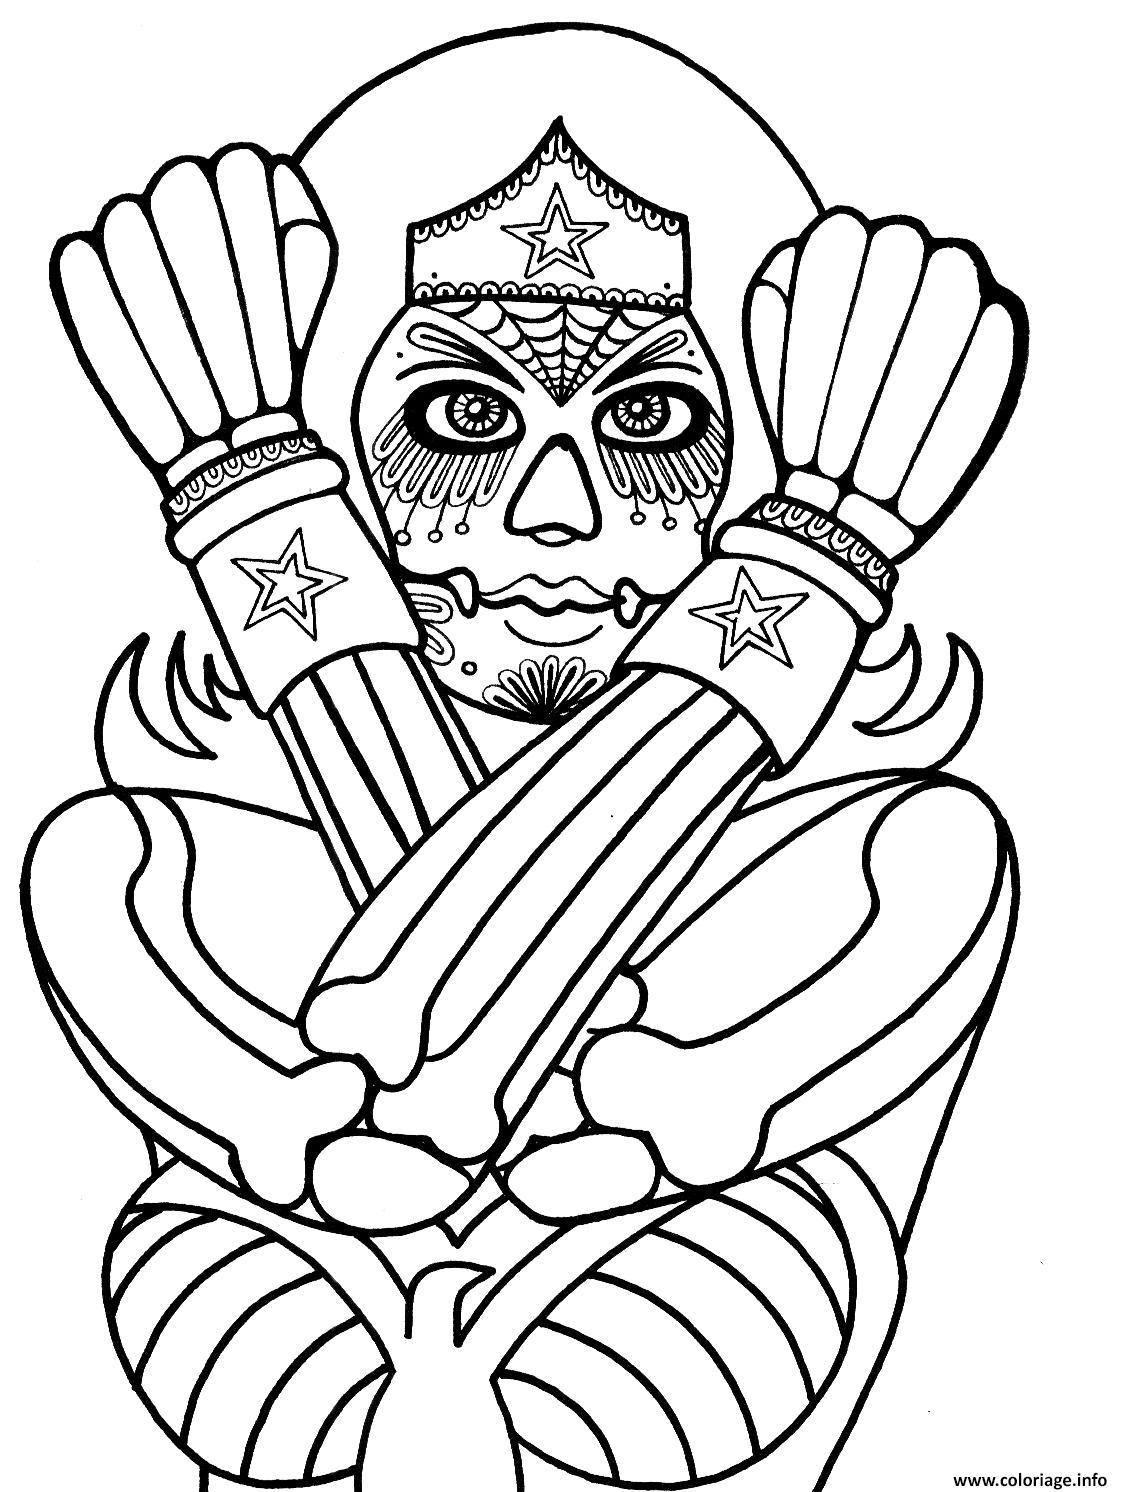 Dessin wonder woman mandala doodle adulte dc comics Coloriage Gratuit à Imprimer